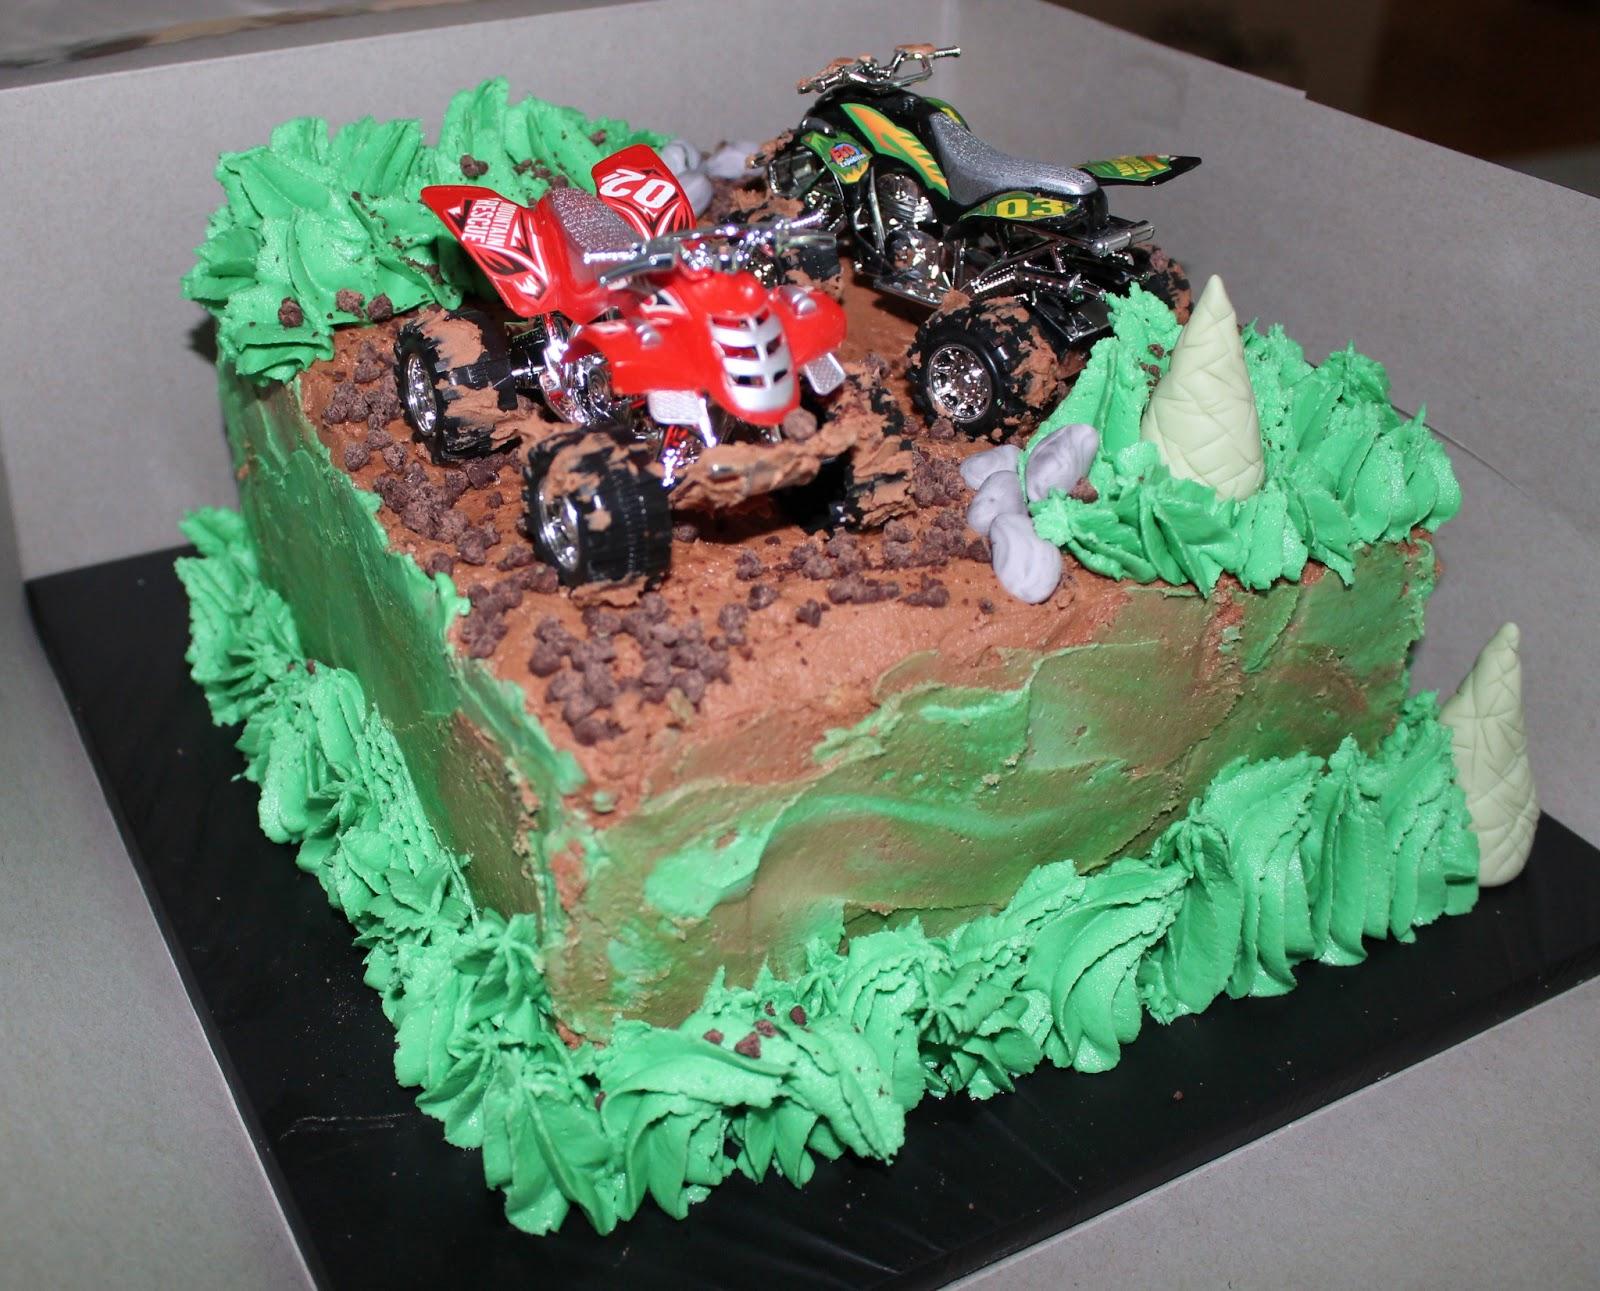 Astonishing 12 Atv Birthday Cakes For Boys Photo Atv Birthday Cakes Atv Funny Birthday Cards Online Aboleapandamsfinfo